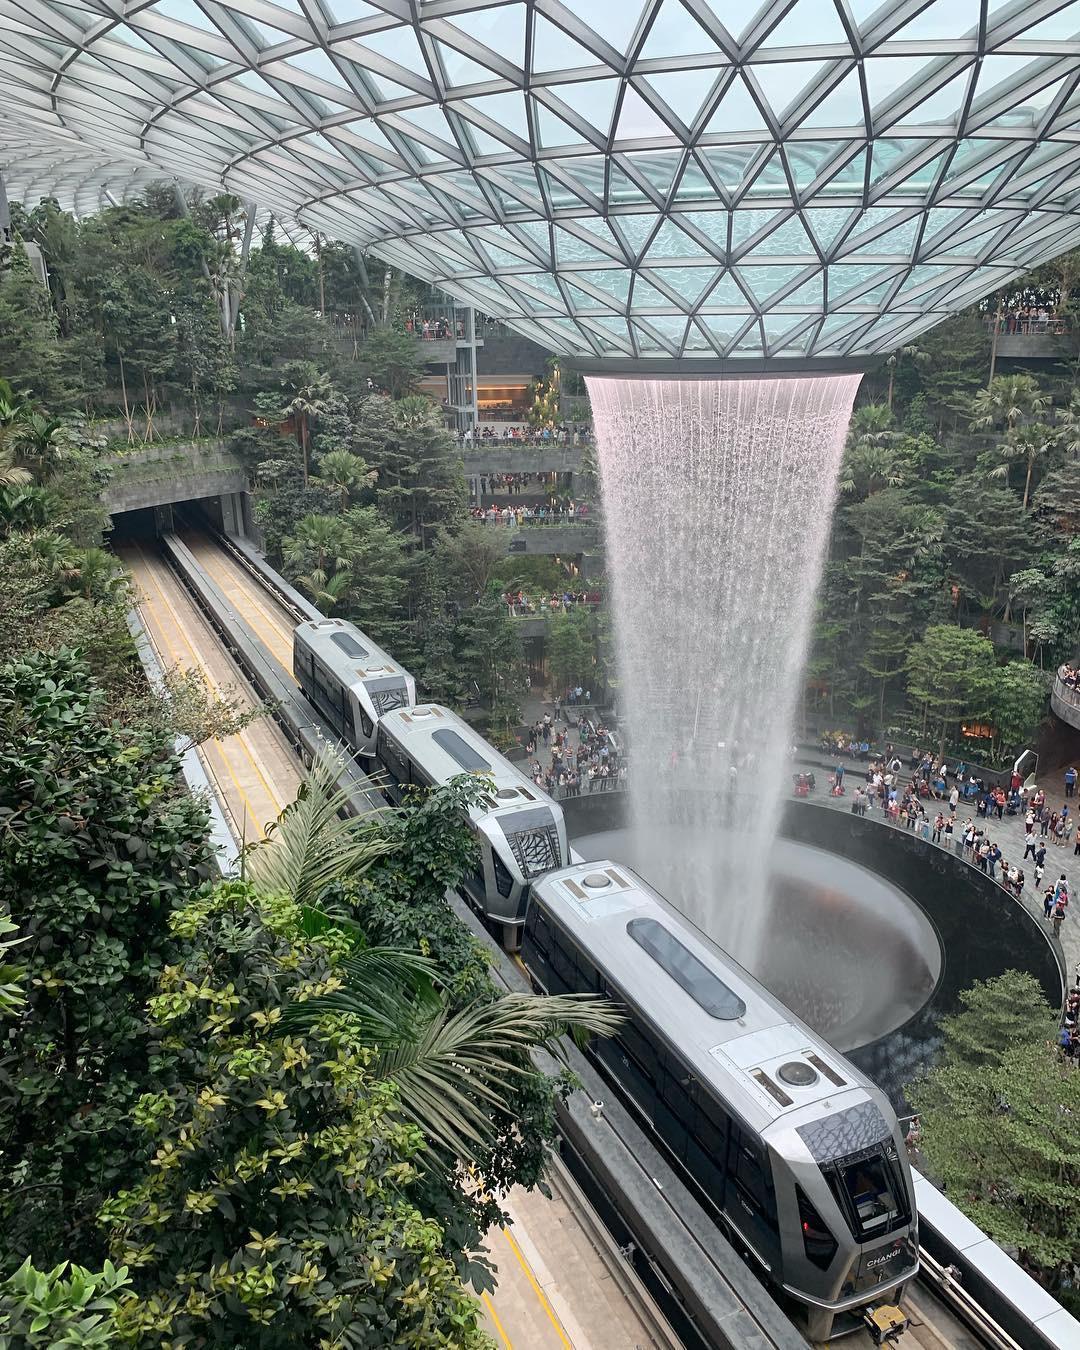 Thác nước khổng lồ chiếm trọn spotlight sân bay Changi - Singapore: cứ 10 người đến đây thì hết 9 người đăng ảnh check-in với background này - Ảnh 5.